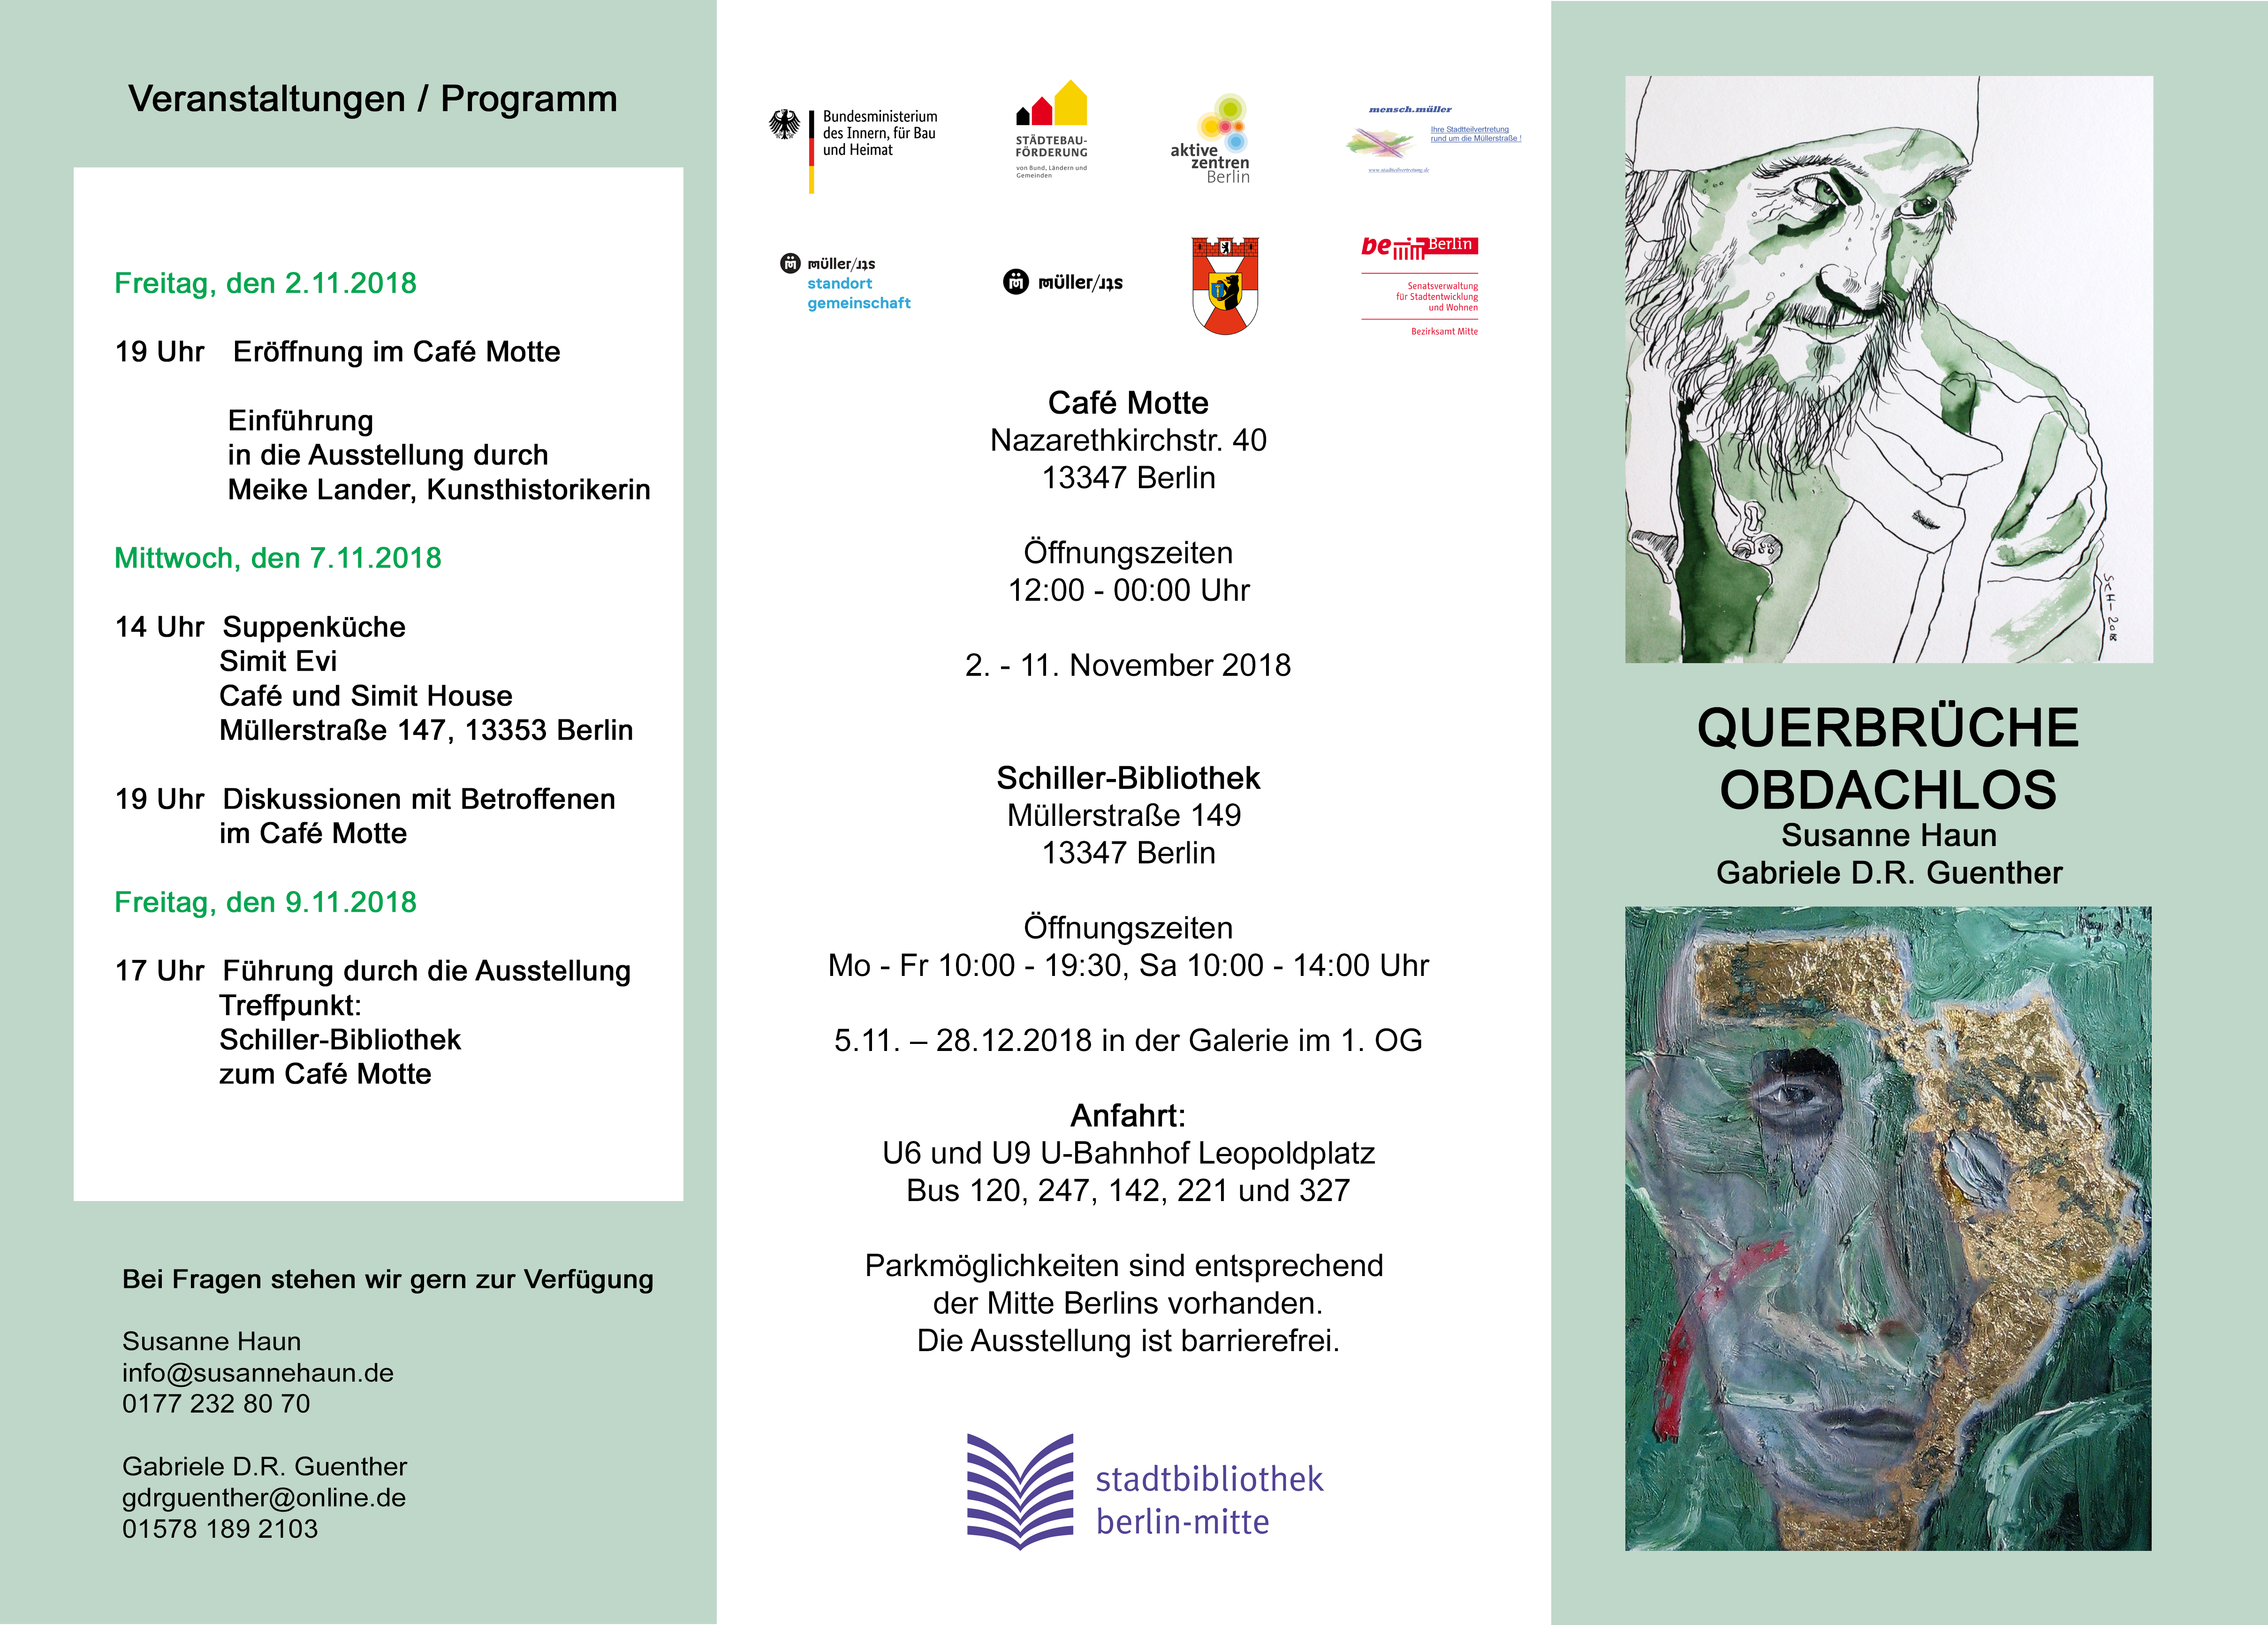 Einladung Querbrüche Obdachlos Susanne Haun und Gabriele D.R. Guenther